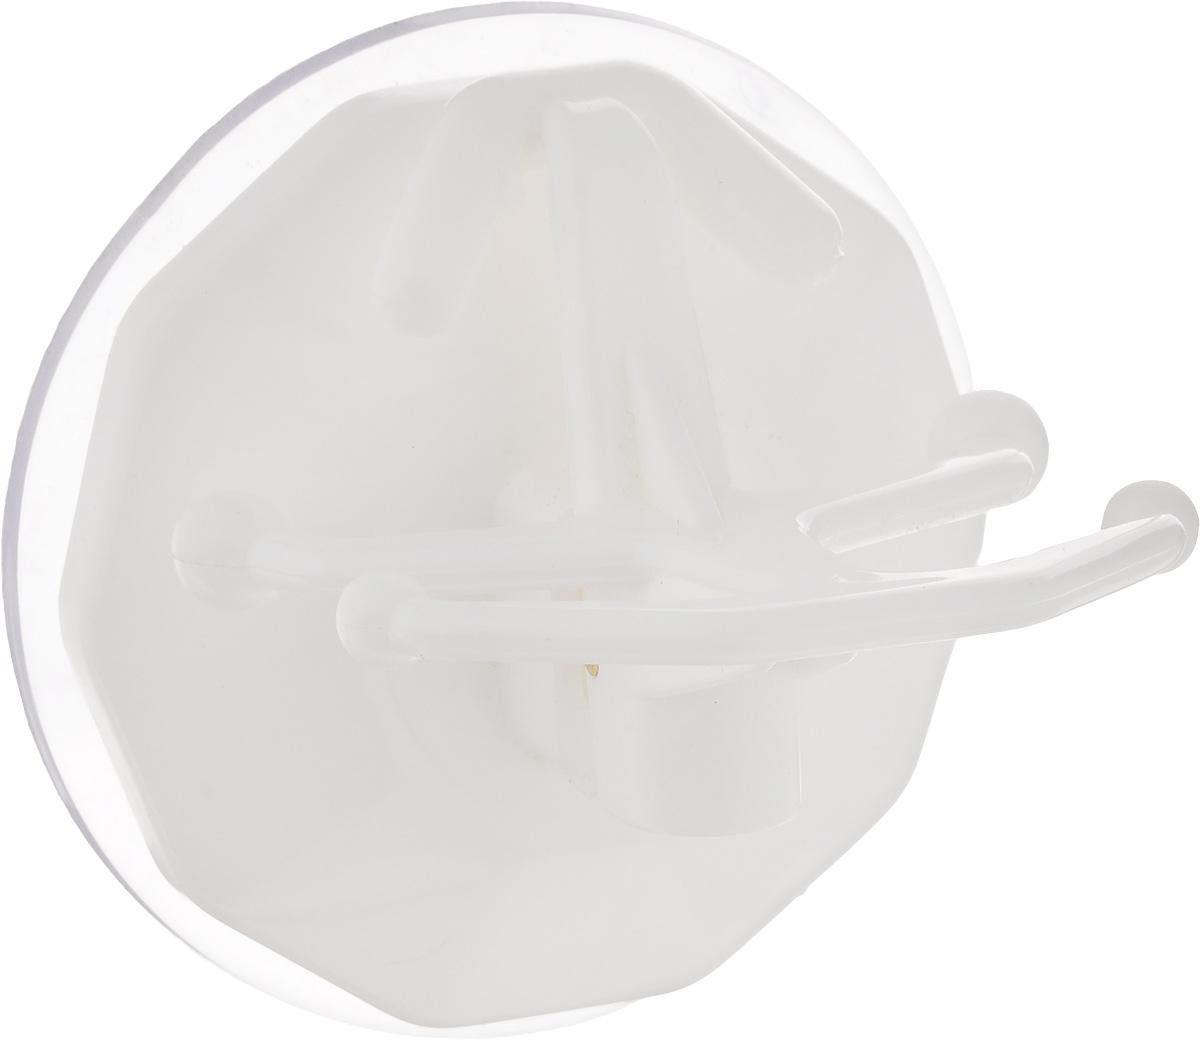 Вешалка настенная Gimi Bingo, на присоске, цвет: белый, 5 крючковU210DFВешалка настенная Gimi Bingo, выполненная из пластика, станет отличным решением для прихожей, ванной или кухни. Вешалка имеет 5 крючков, на которые вы сможете повесить ваши вещи. Прочная присоска надежно крепится к стене и не оставляет разводов и пятен. Практичная настенная вешалка поможет организовать пространство в вашем доме.Особенности вешалки:- успешно работает в интервале температур от -20°С до +60°С; - выдерживает нагрузку до 20 кг; - может служить годами, не требуя перевешивания; - без усилий снимается и перевешивается на новое место.